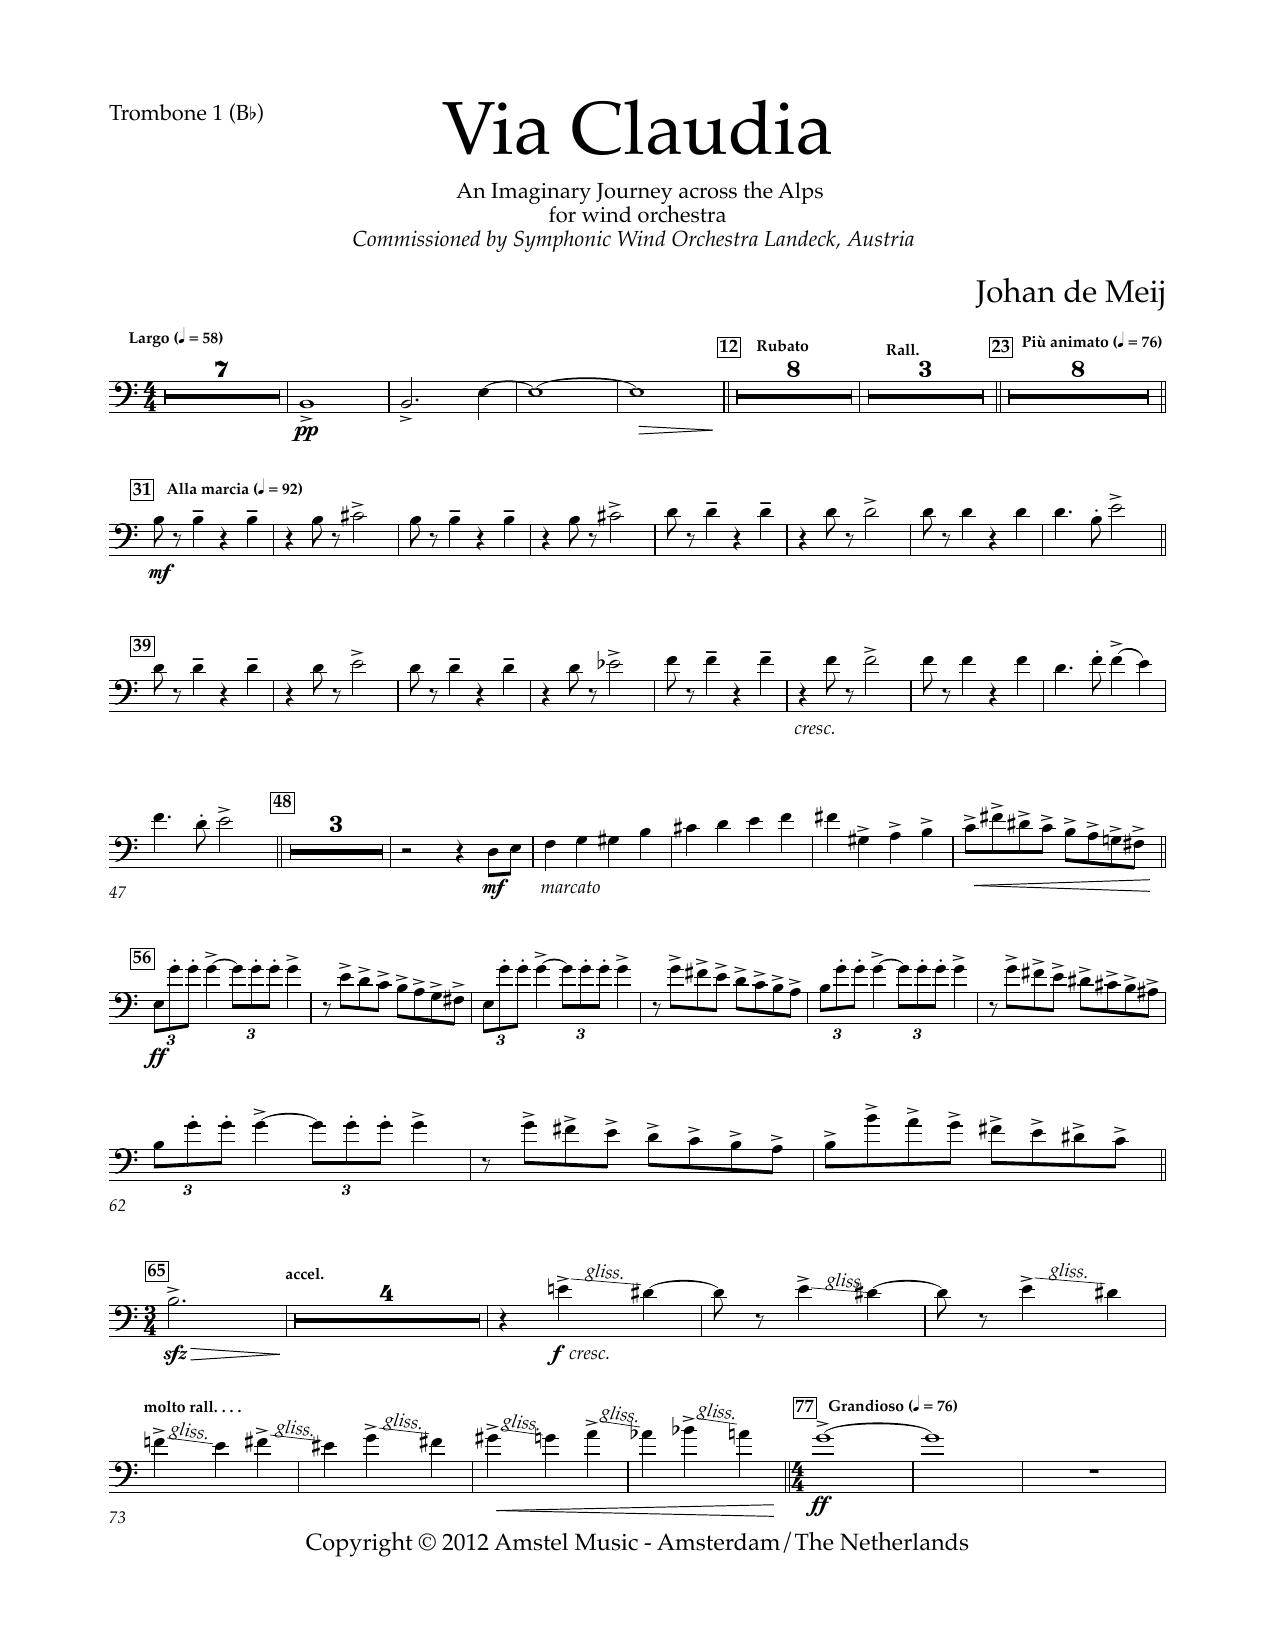 Via Claudia - Bb Trombone 1 B.C.